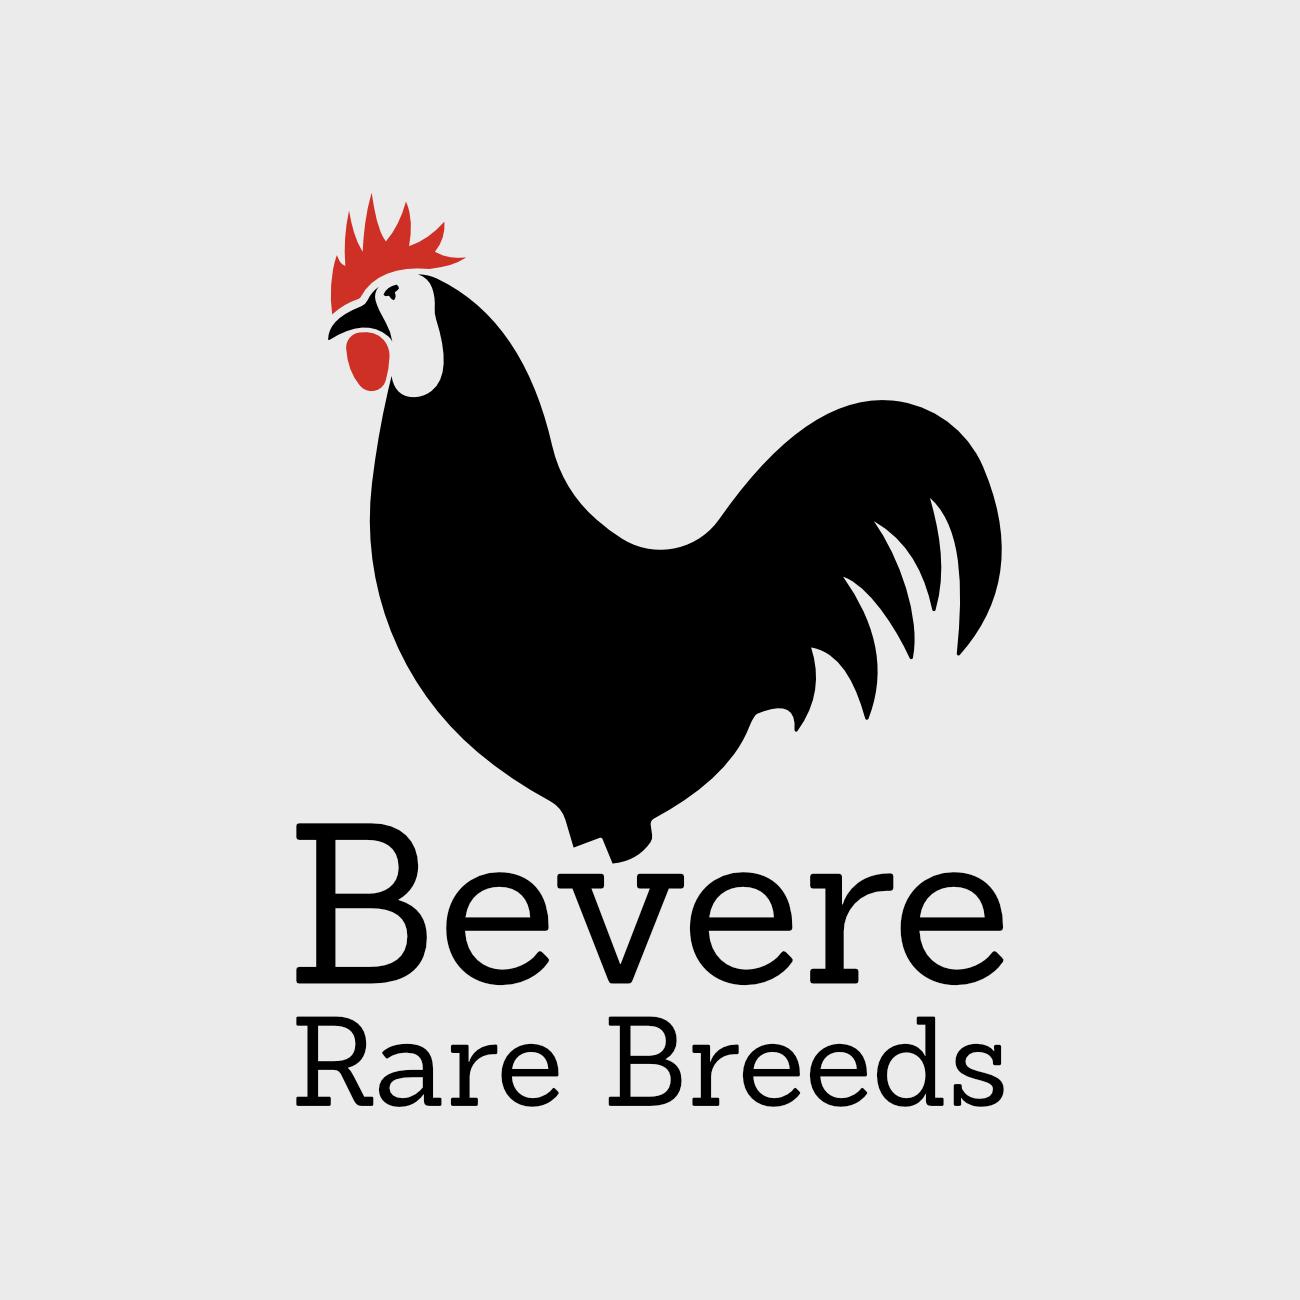 Bevere Rare Breeds logo for UK breeders